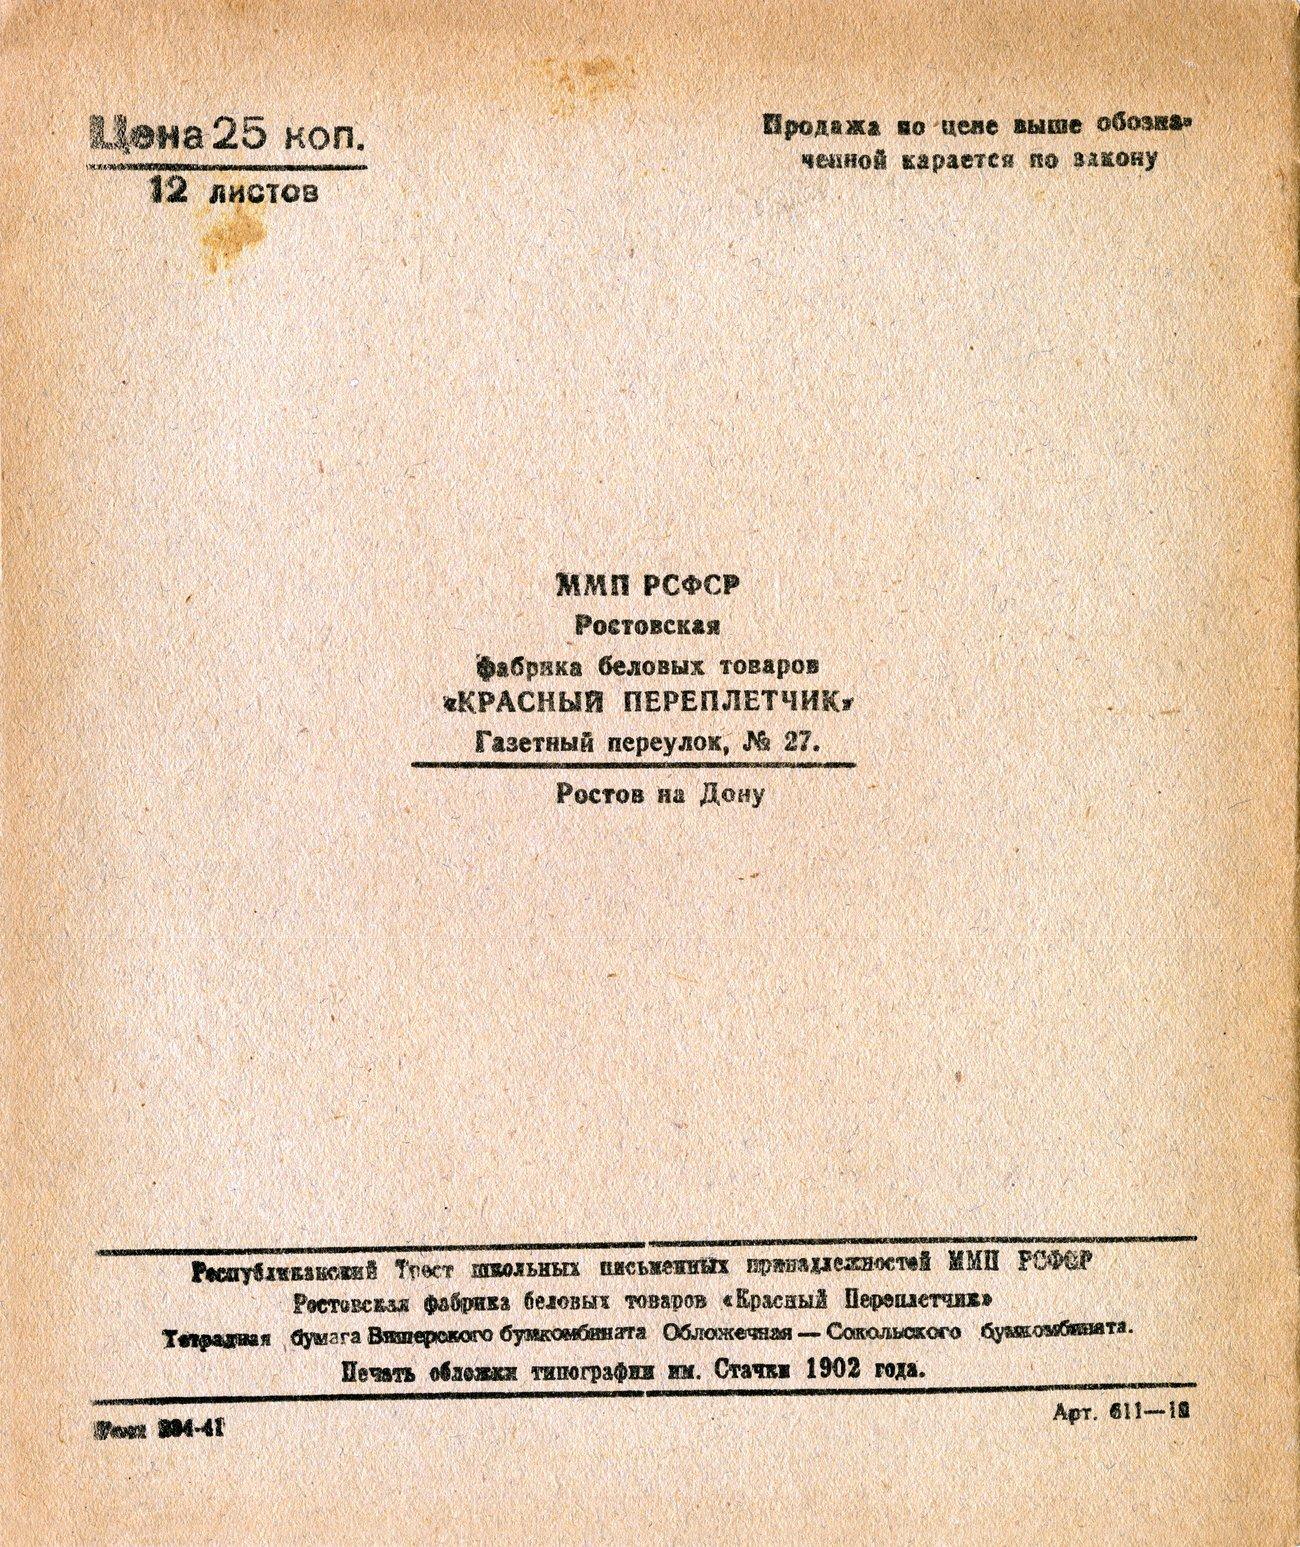 Канал им. Москвы, 1948, оборот